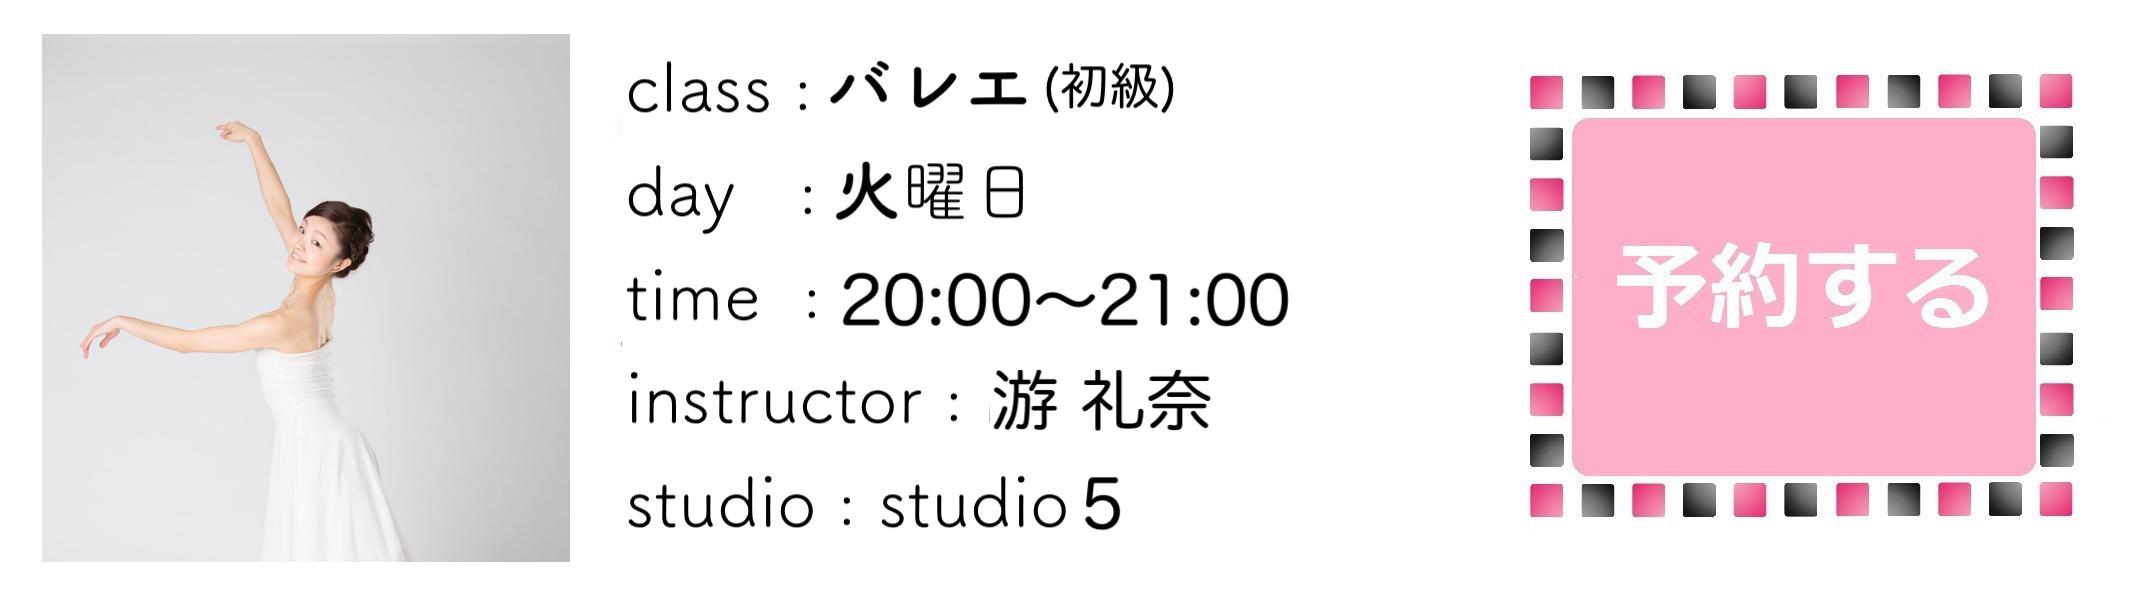 バレエ初級(火2000) フリーパス予約